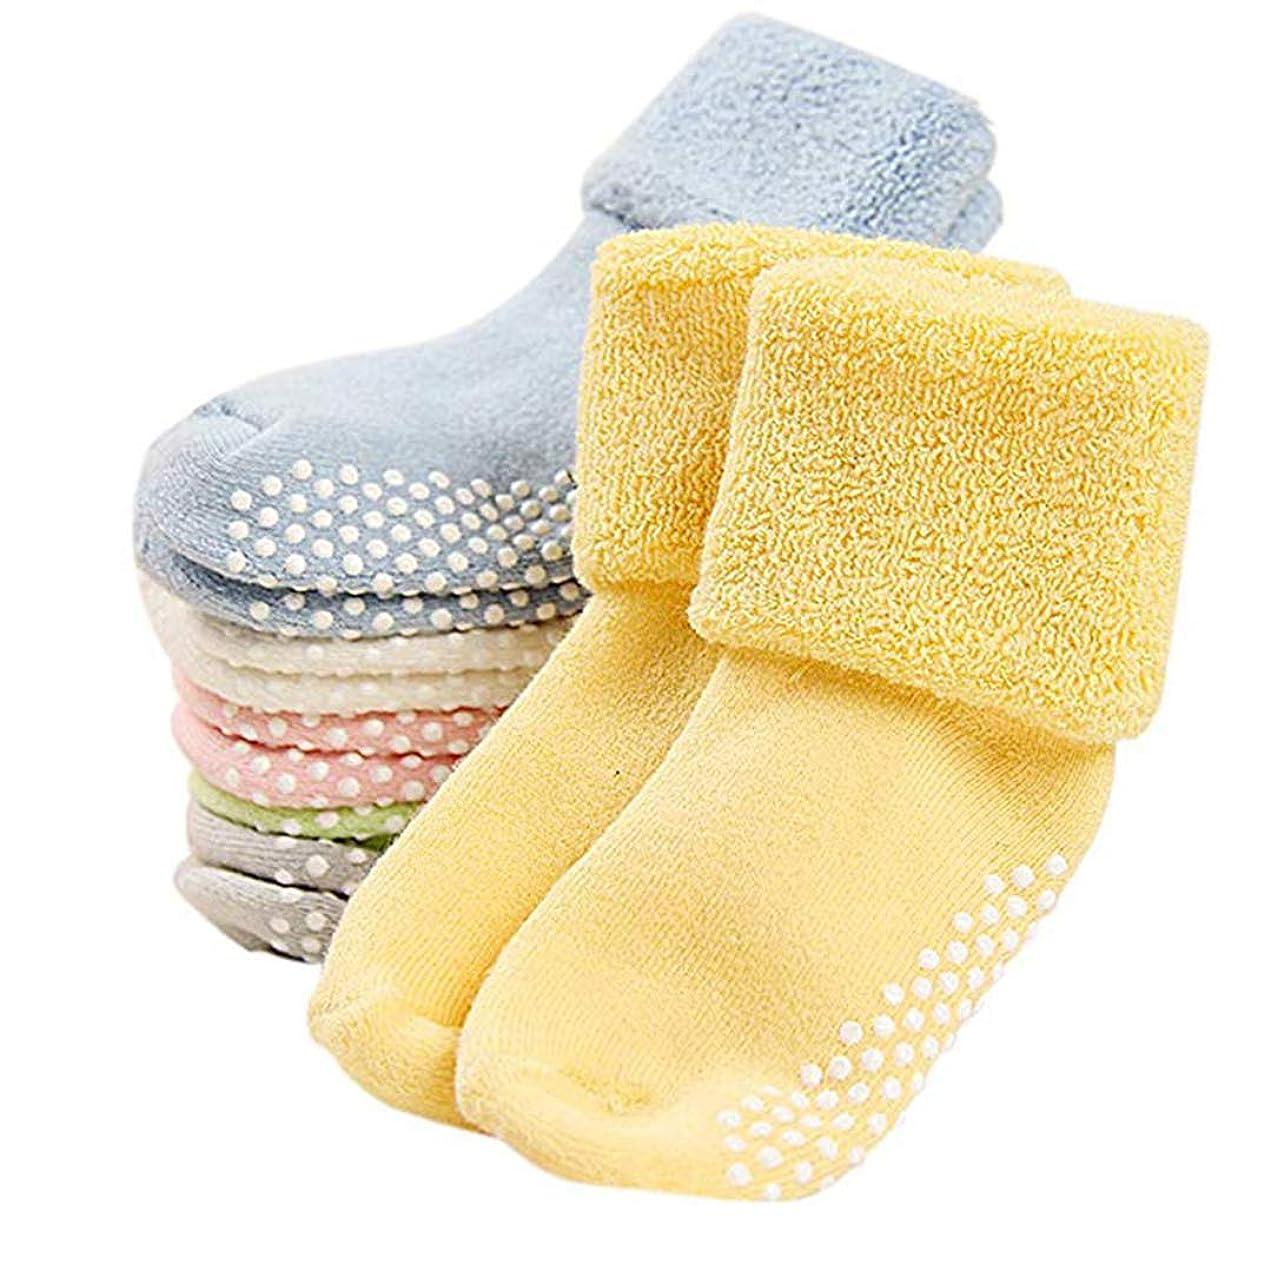 Unisex Baby Socks Non Skid | Anti Slip Thick Cotton Socks 6 Pairs Packed